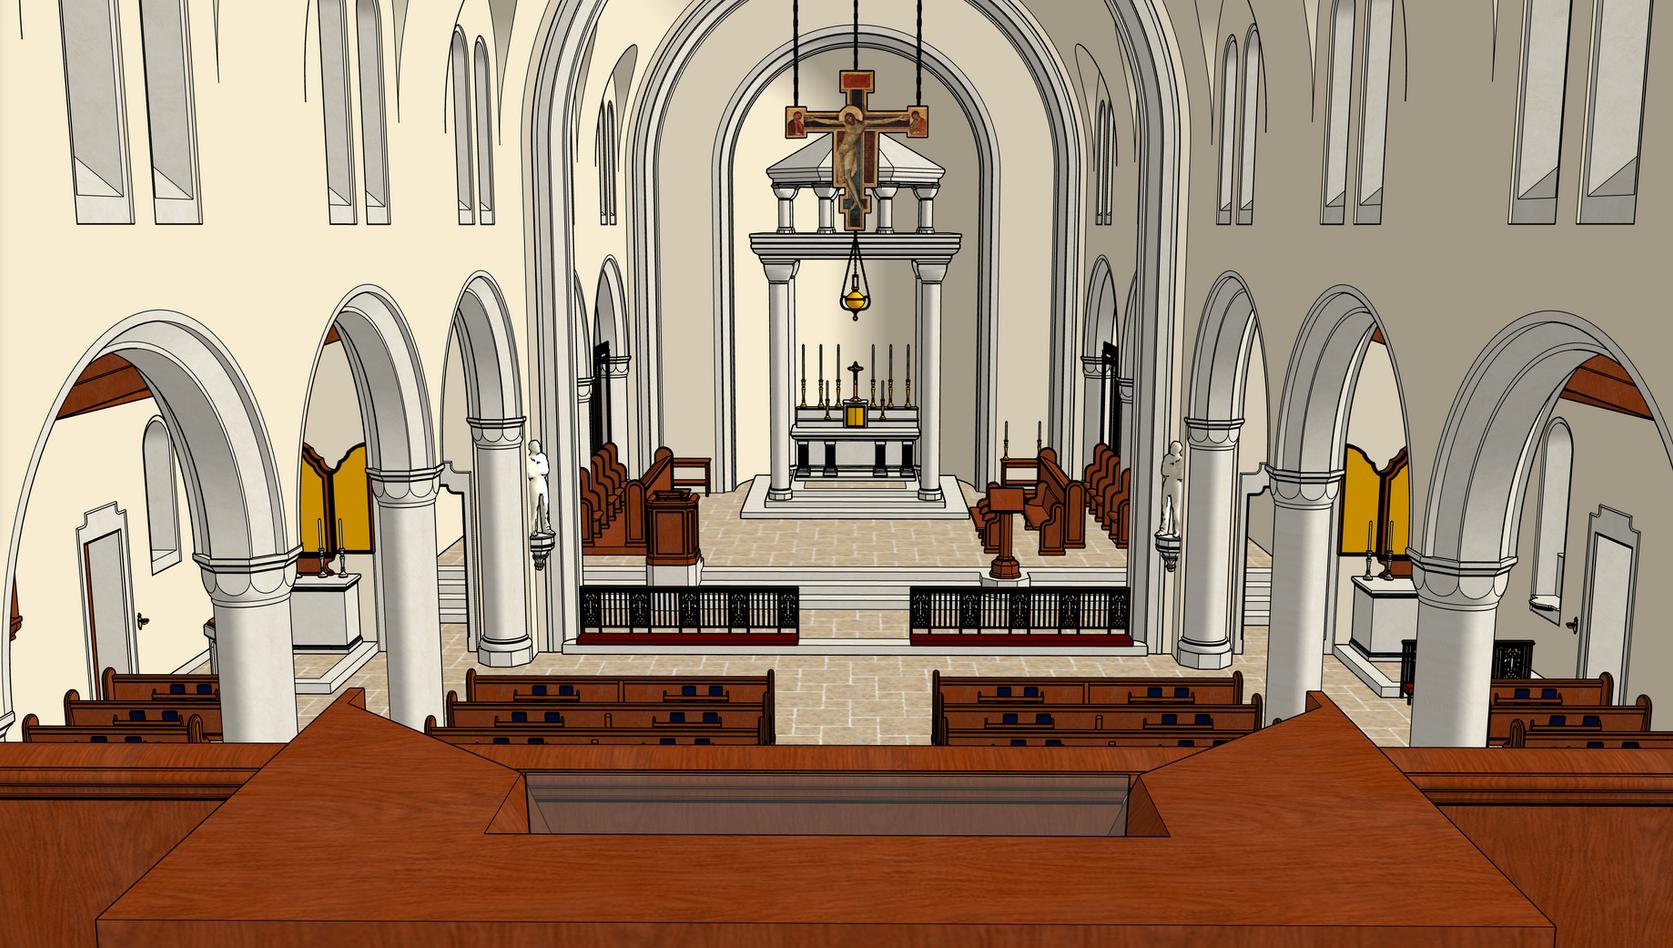 12 Choir Loft Center View